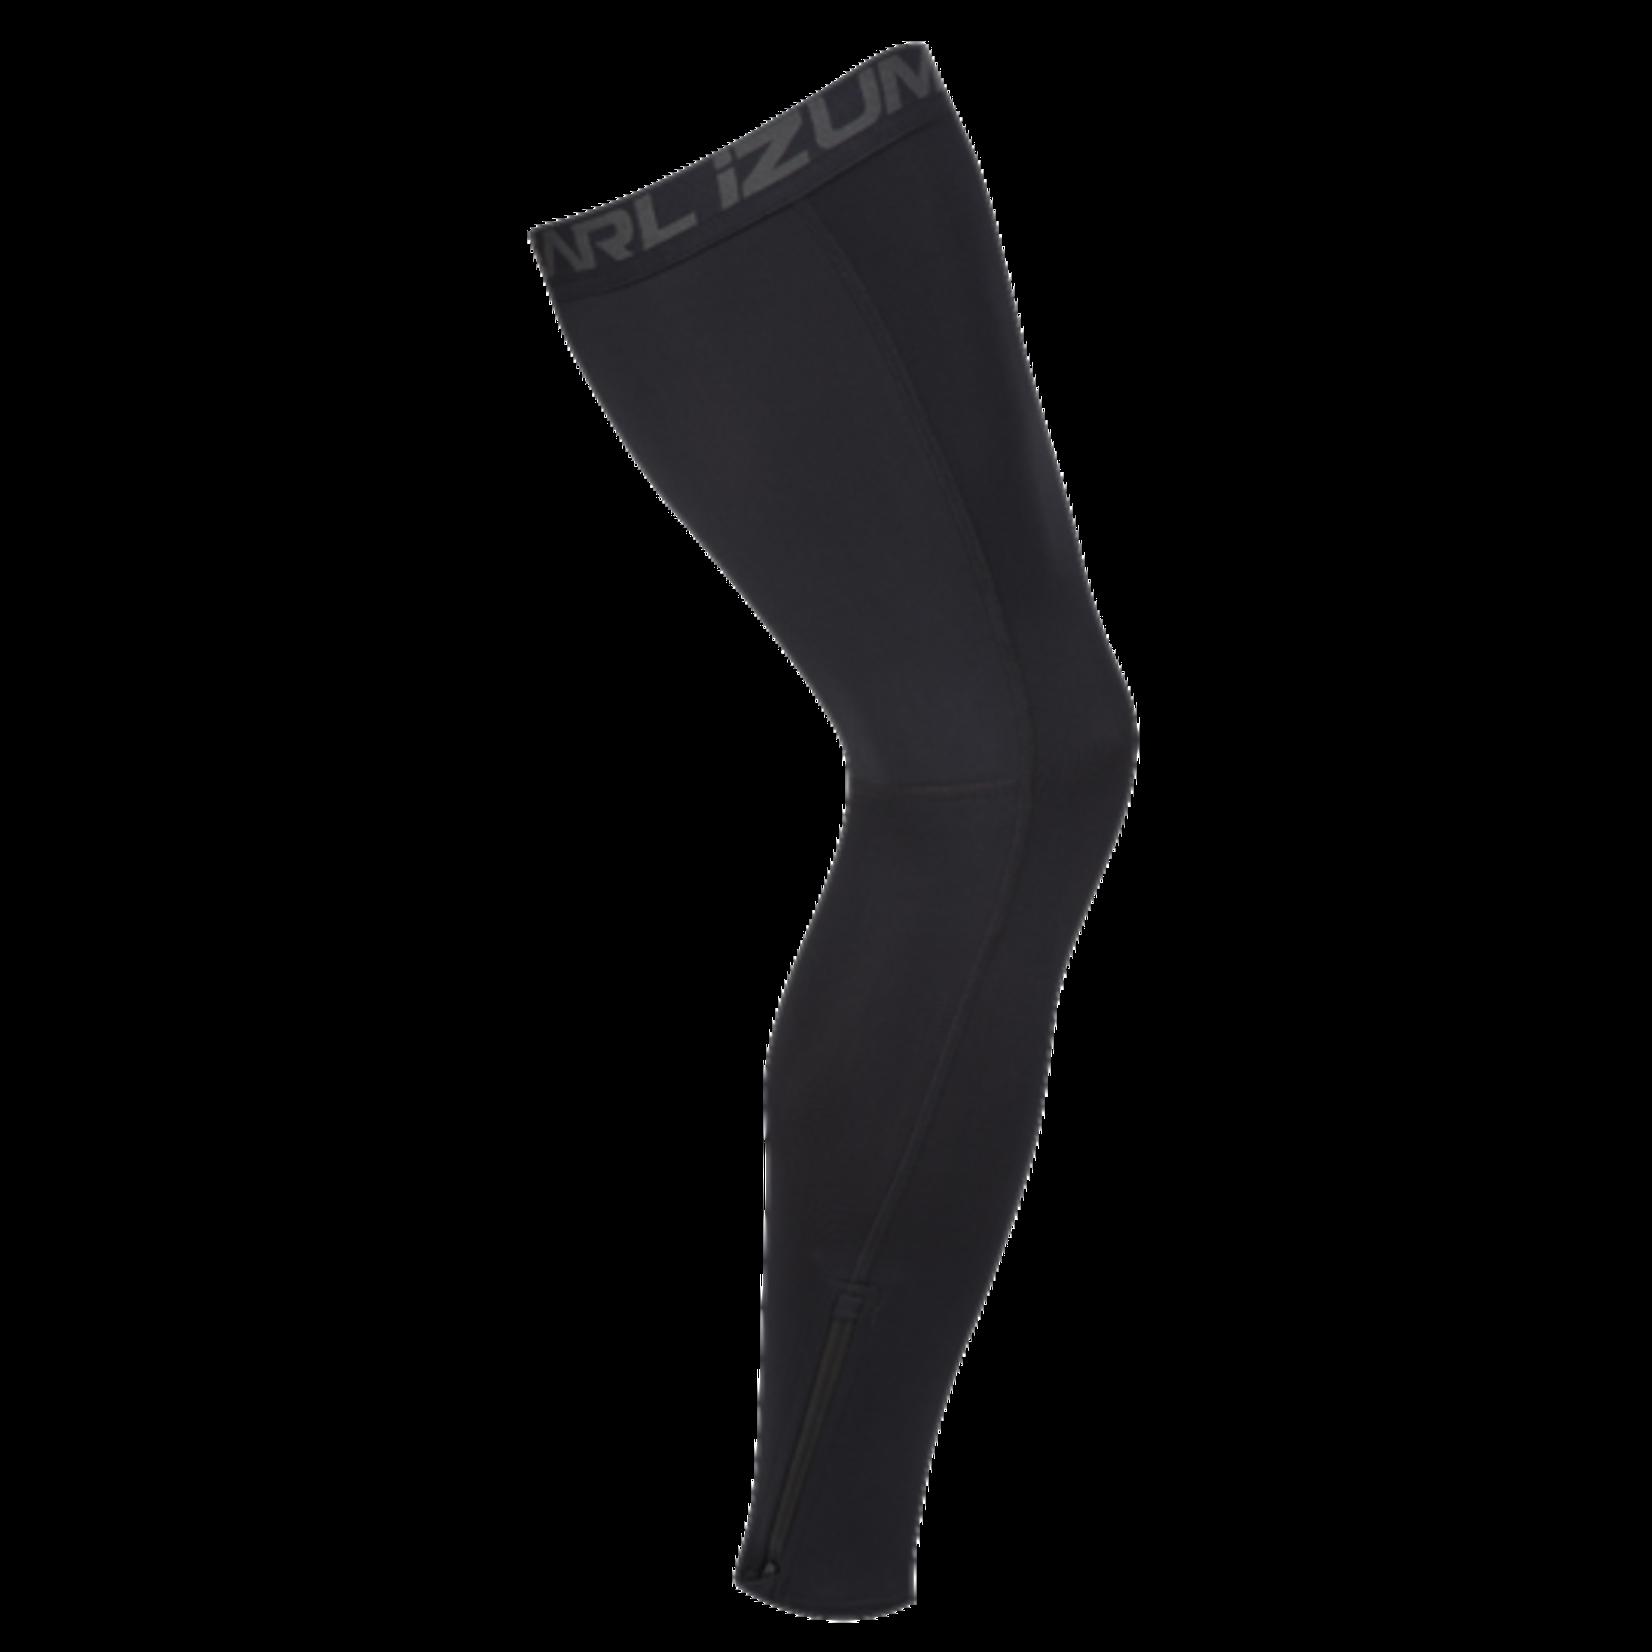 Pearl Izumi PEARL IZUMI ELITE THERMAL LEG WARMER BK L